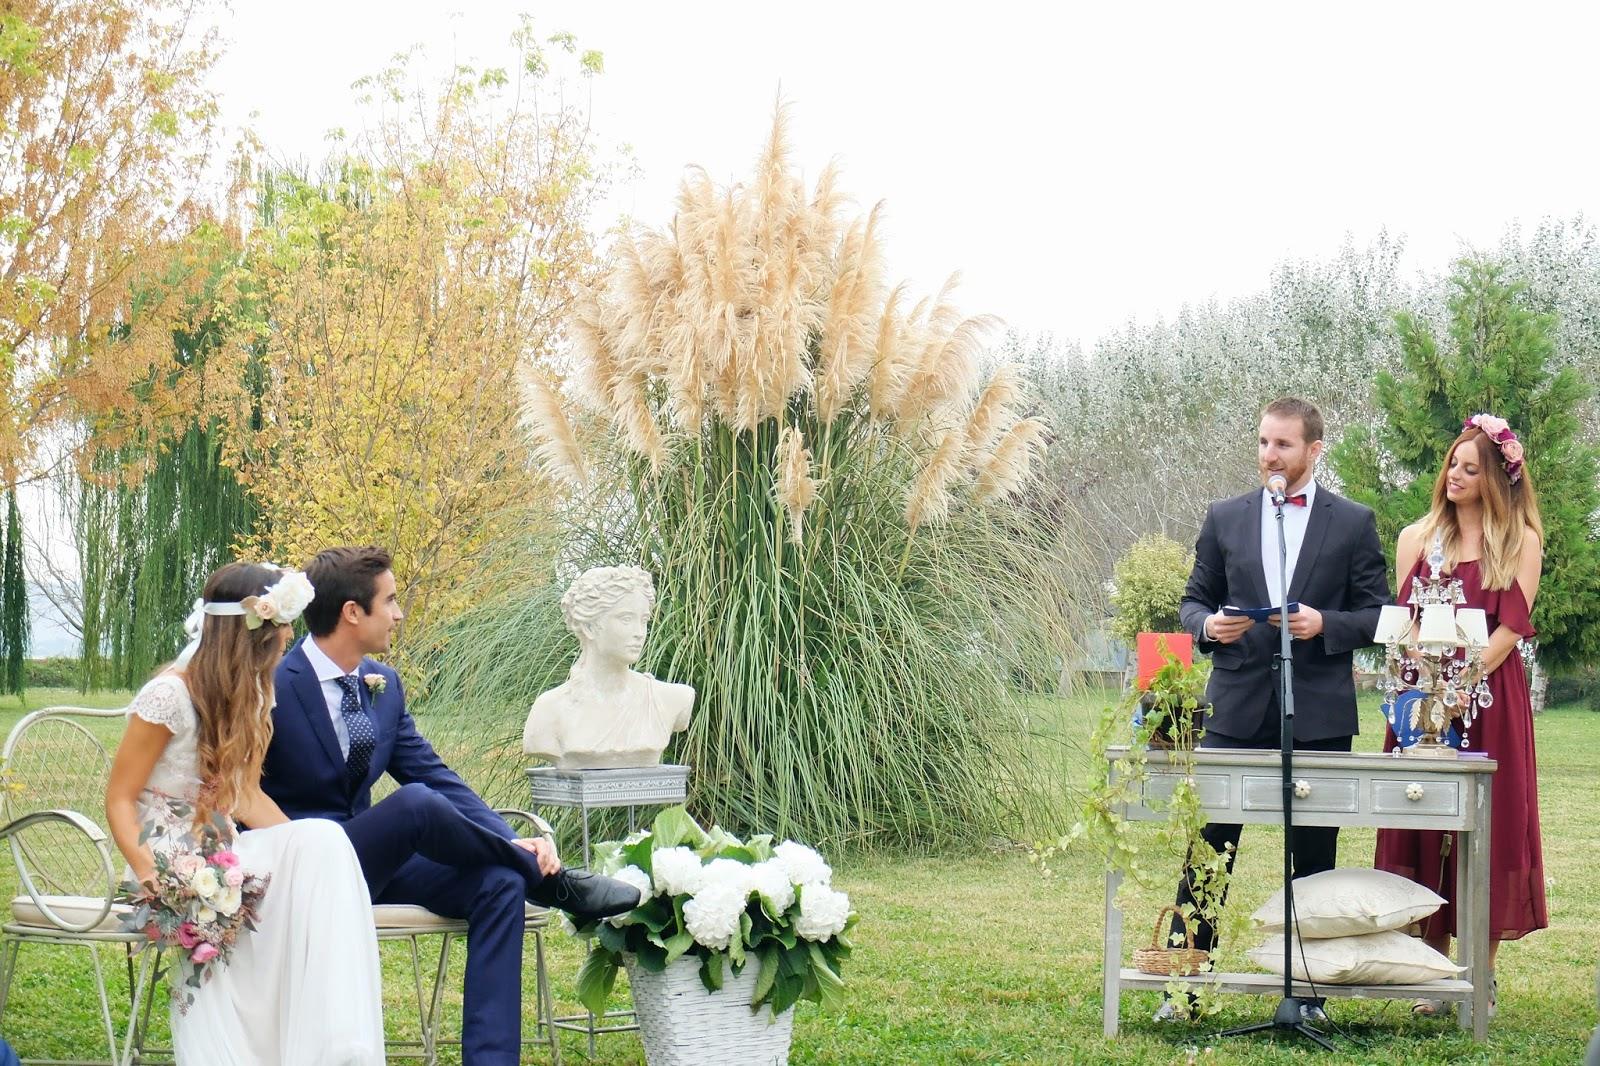 Matrimonio Bohemien Moda : La boda boho chic de débora y palen en soto bruil